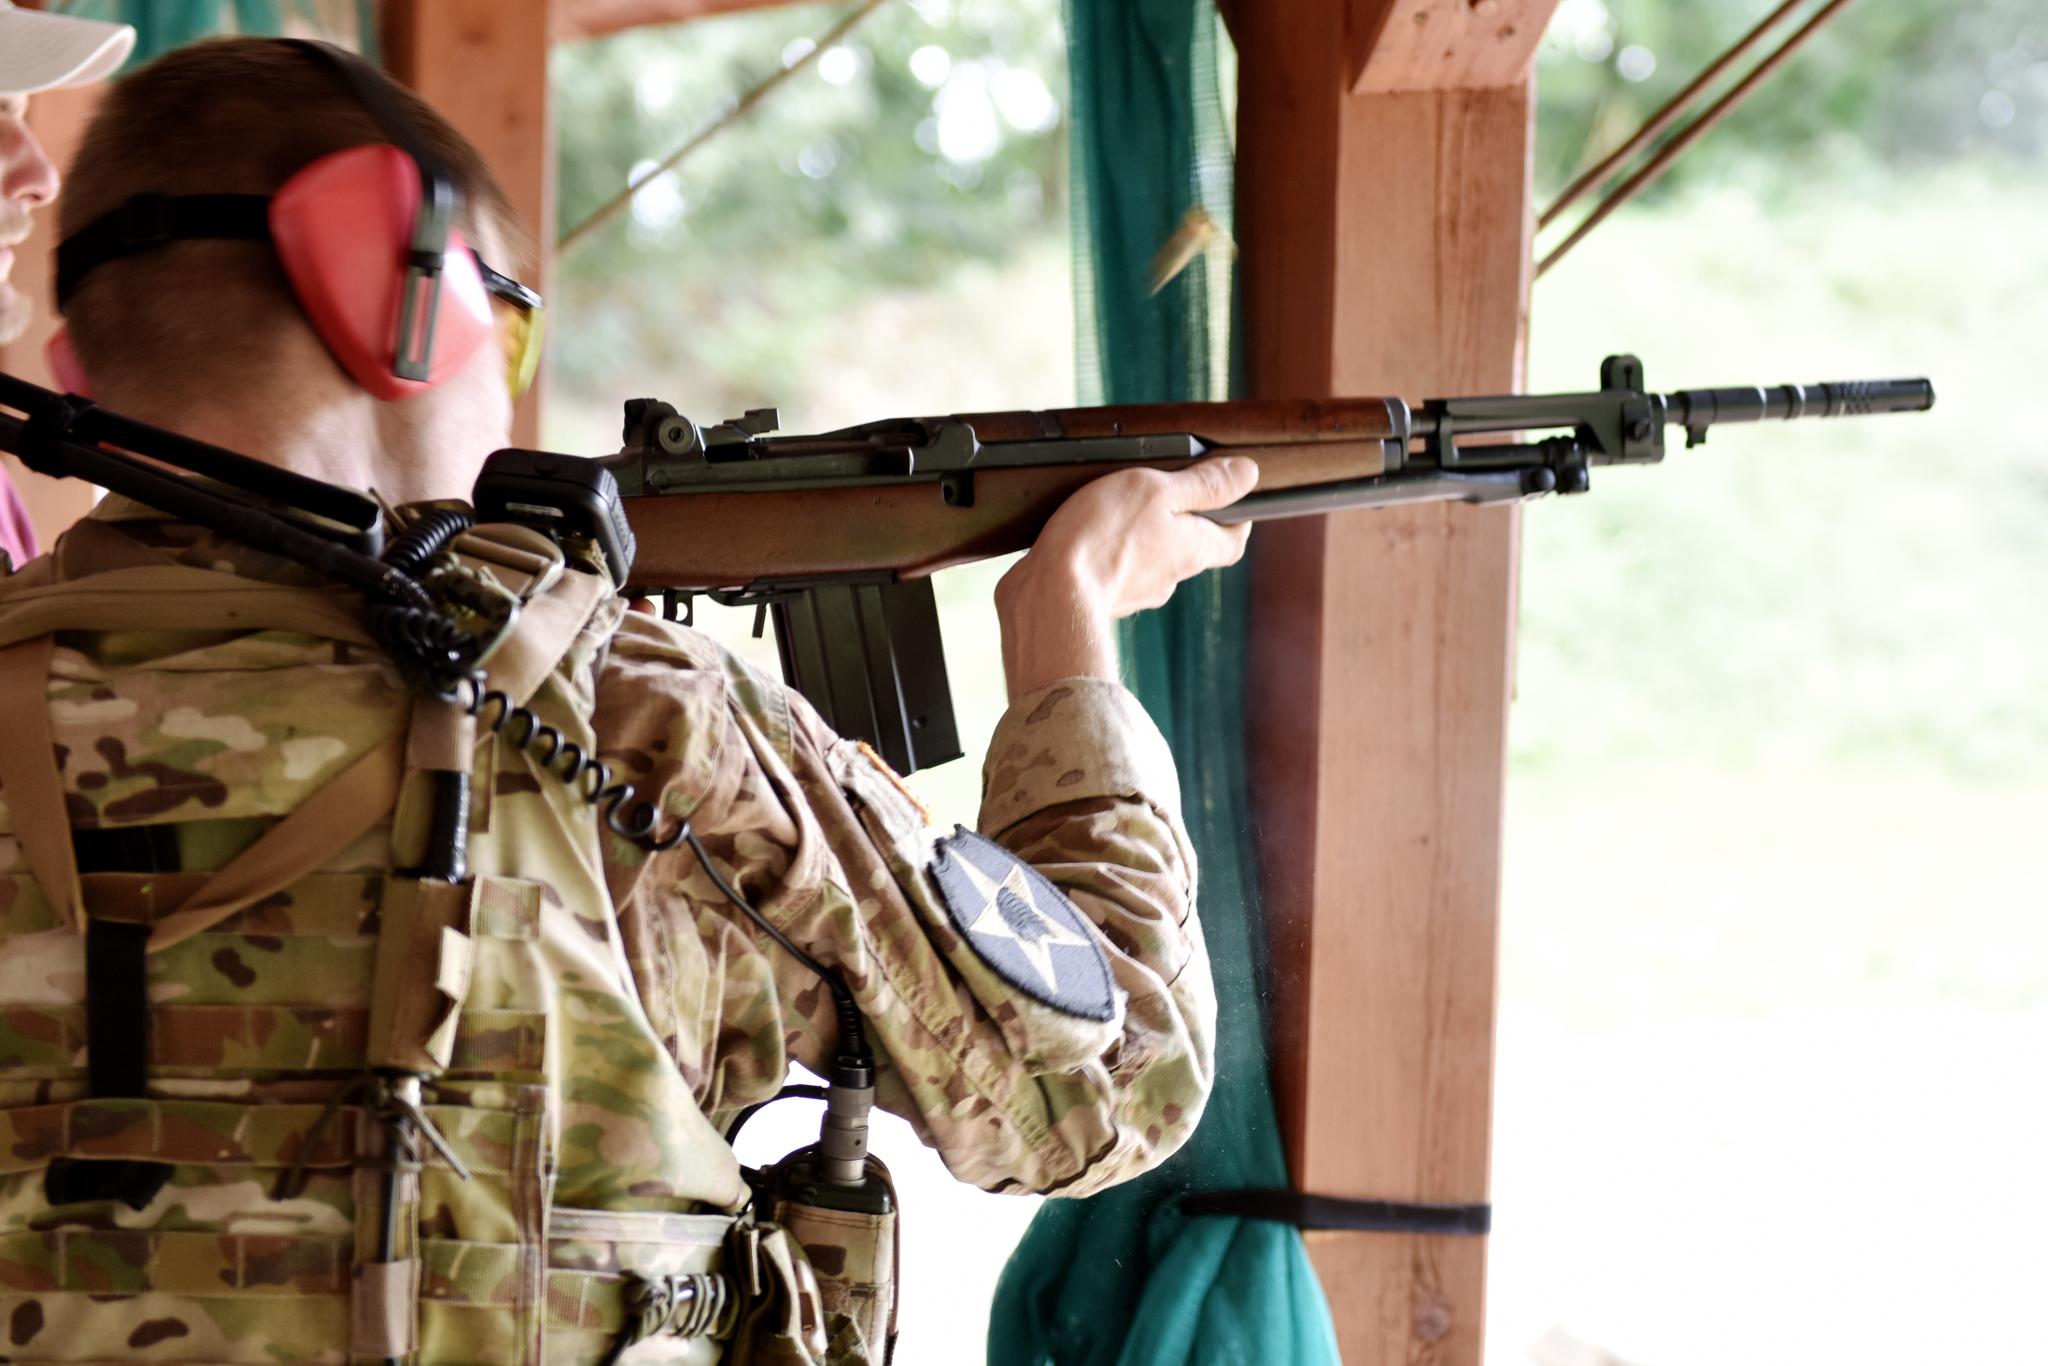 Naši členové absolvují i ostré střelby. Zde samonabíjecí puška Beretta BM59, komorovaná na náboj 308win. Mimochodem vyrobená z dílů pušky Garand